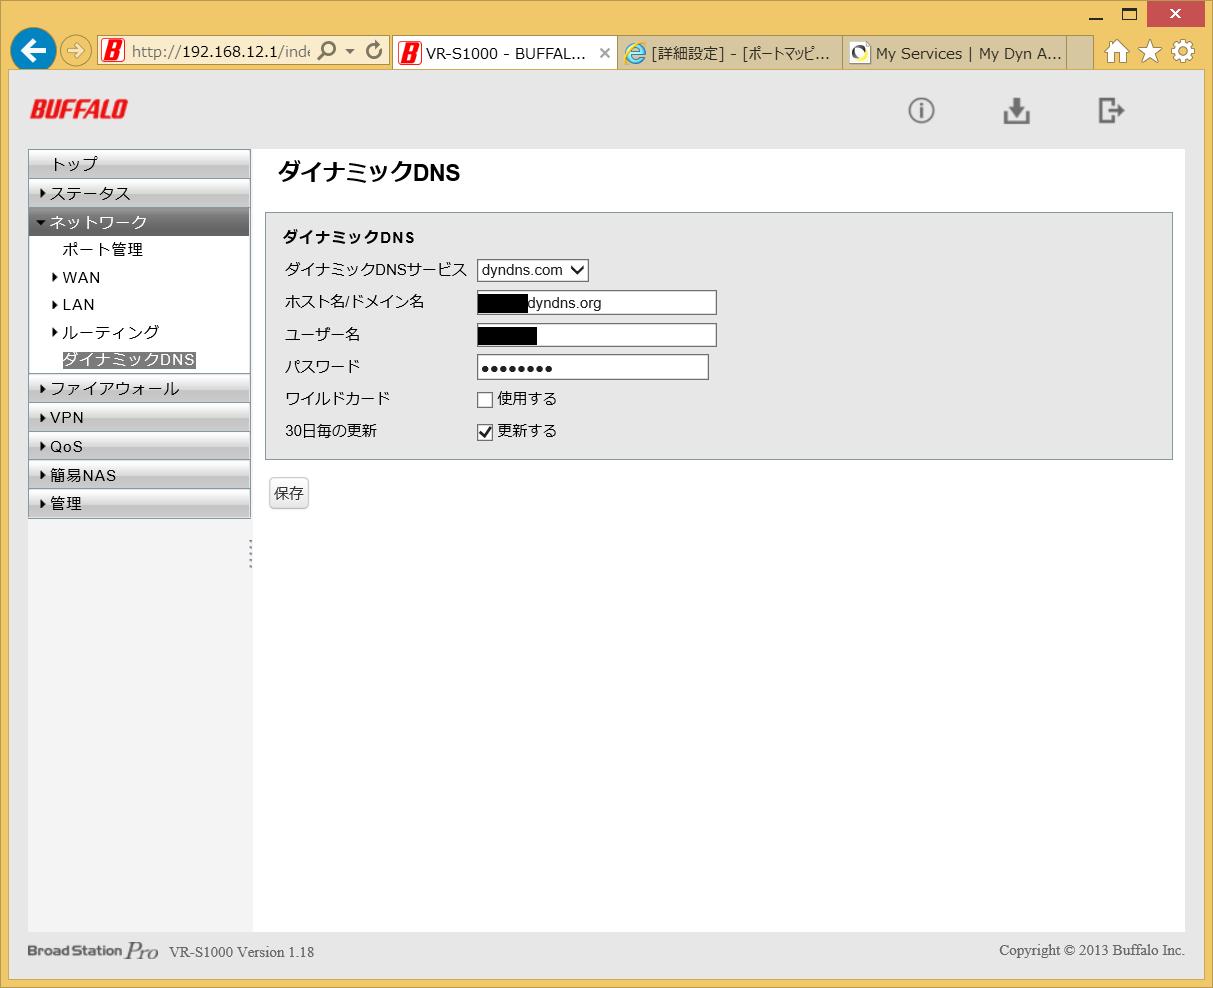 現状はDynDNS.comのみの対応となるが、近いうちに自社運用のDynamicDNSサービスも利用可能になる予定とのことだ